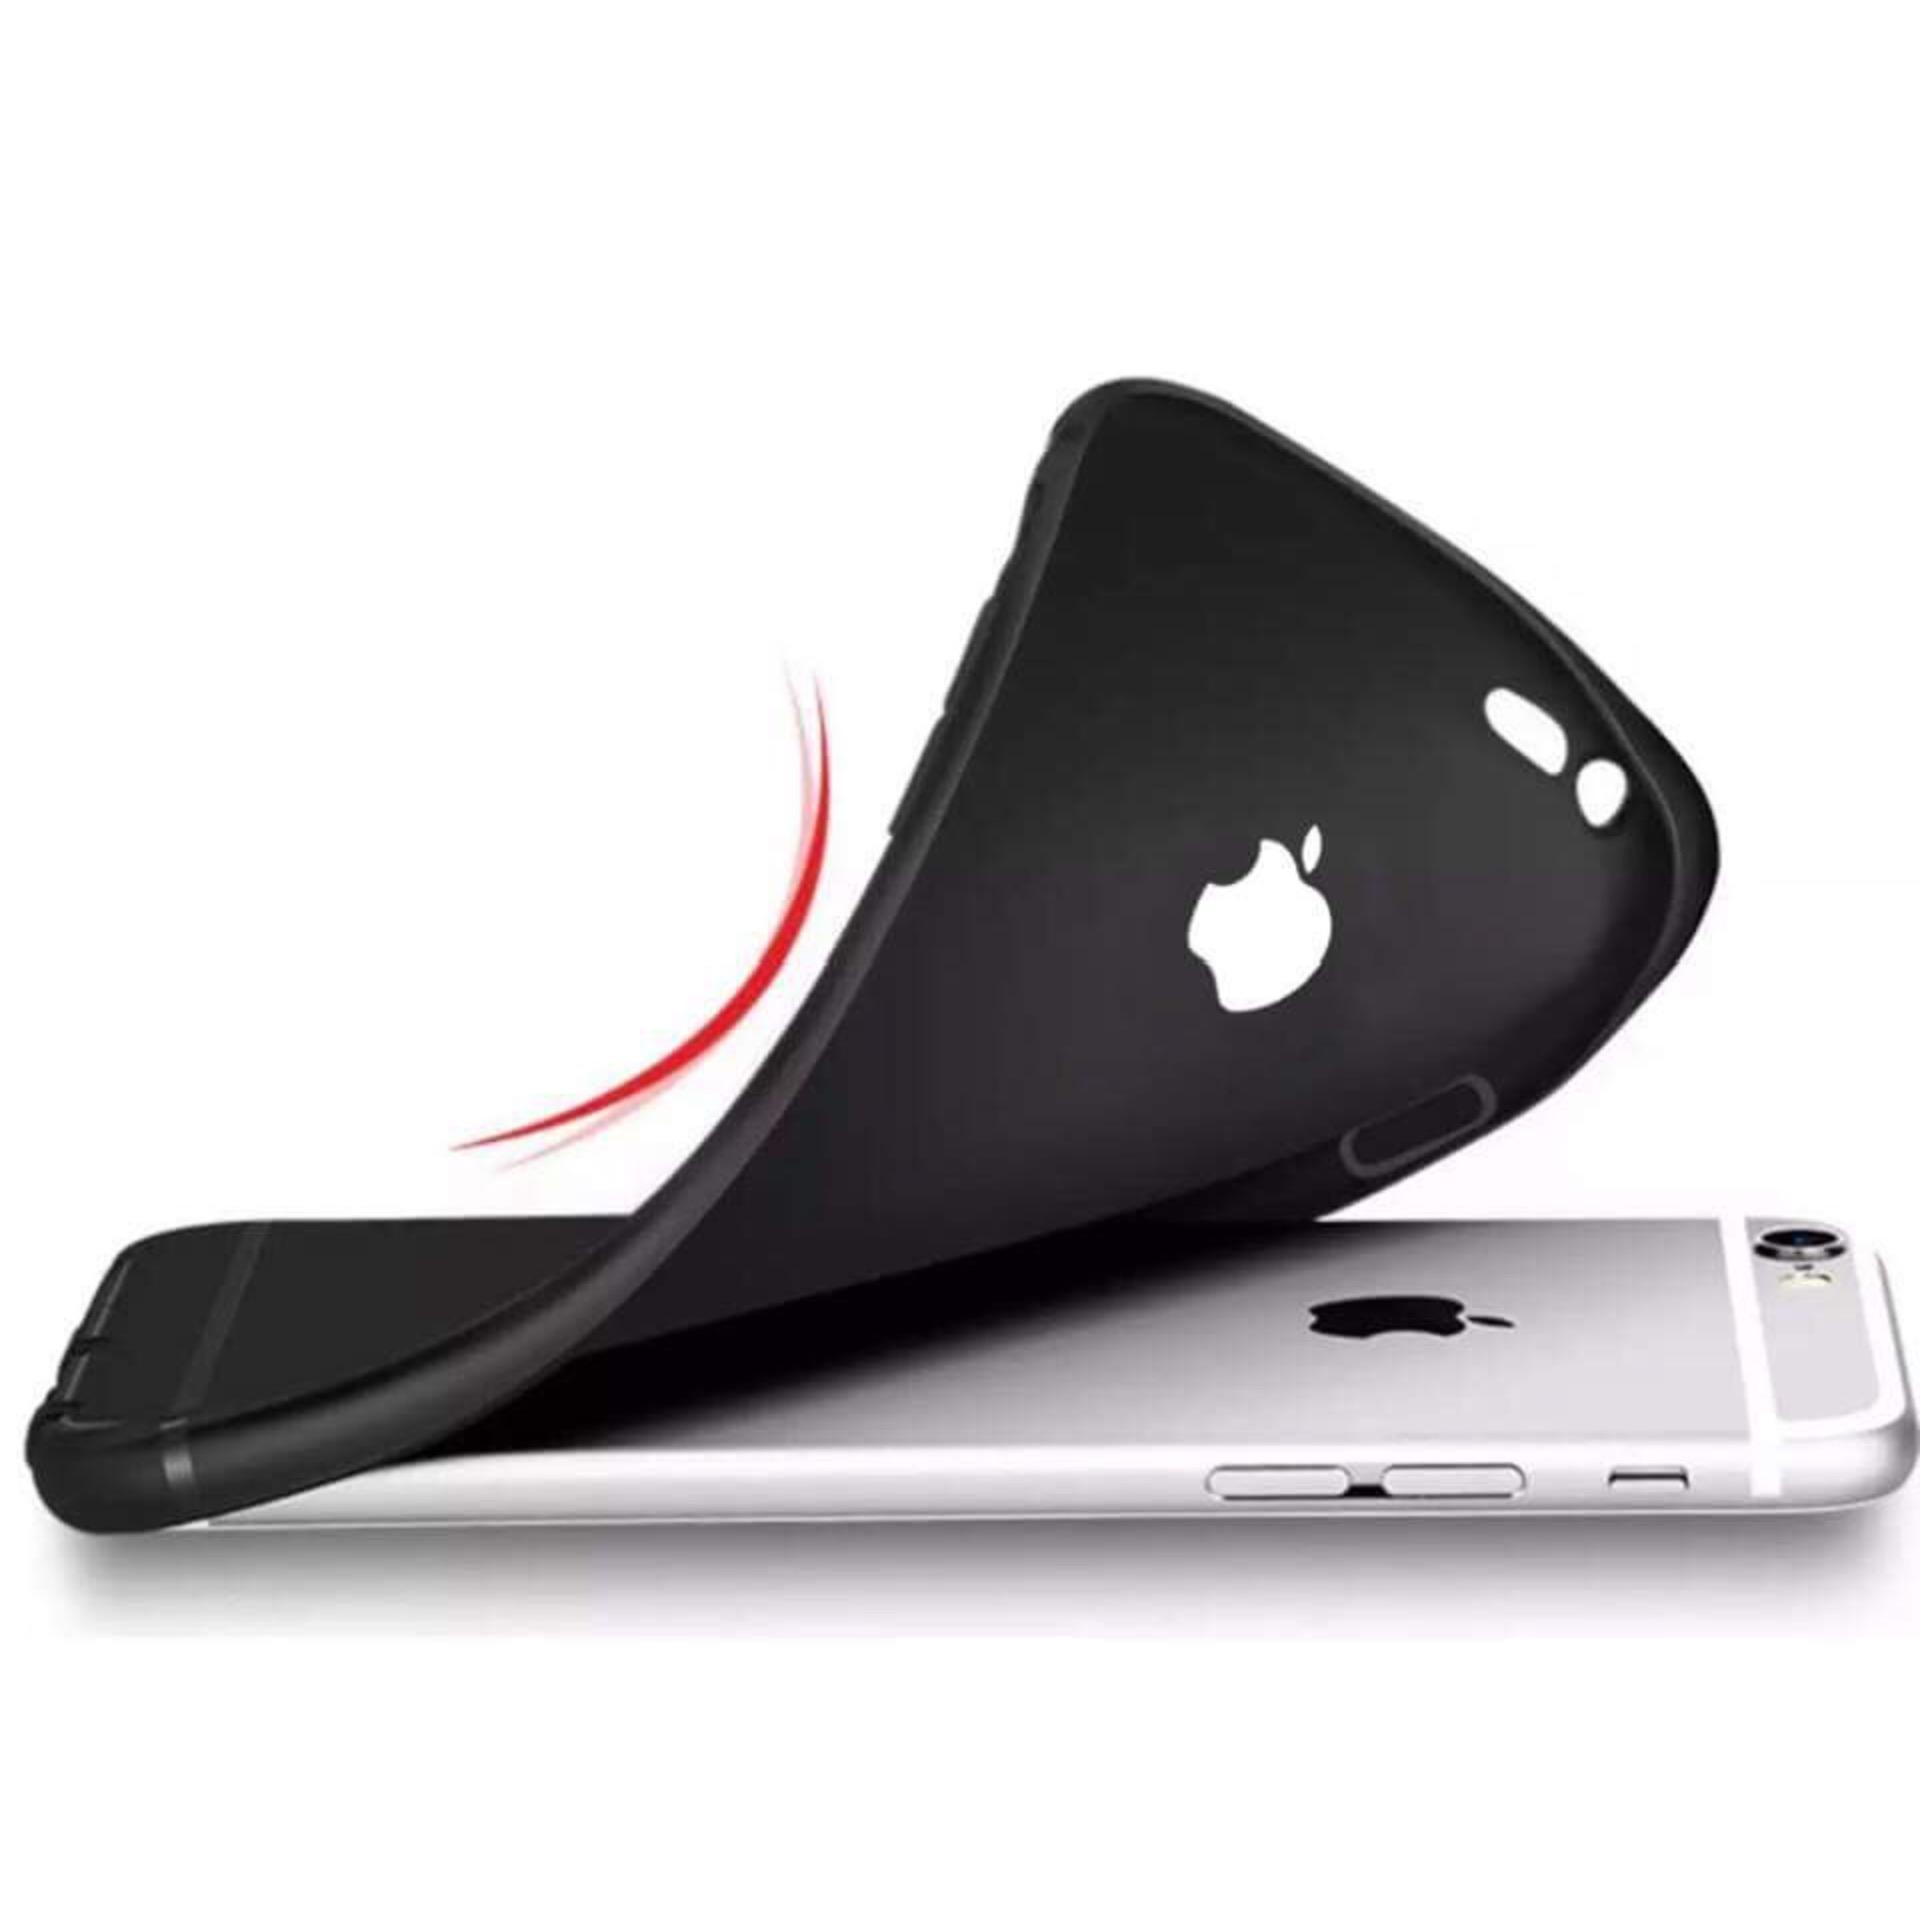 Ốp lưng iPhone SIÊU MỎNG, CHỐNG BỤI, CHỐNG BÁM BẨN (chọn dòng điện thoại trong mục lựa chọn)